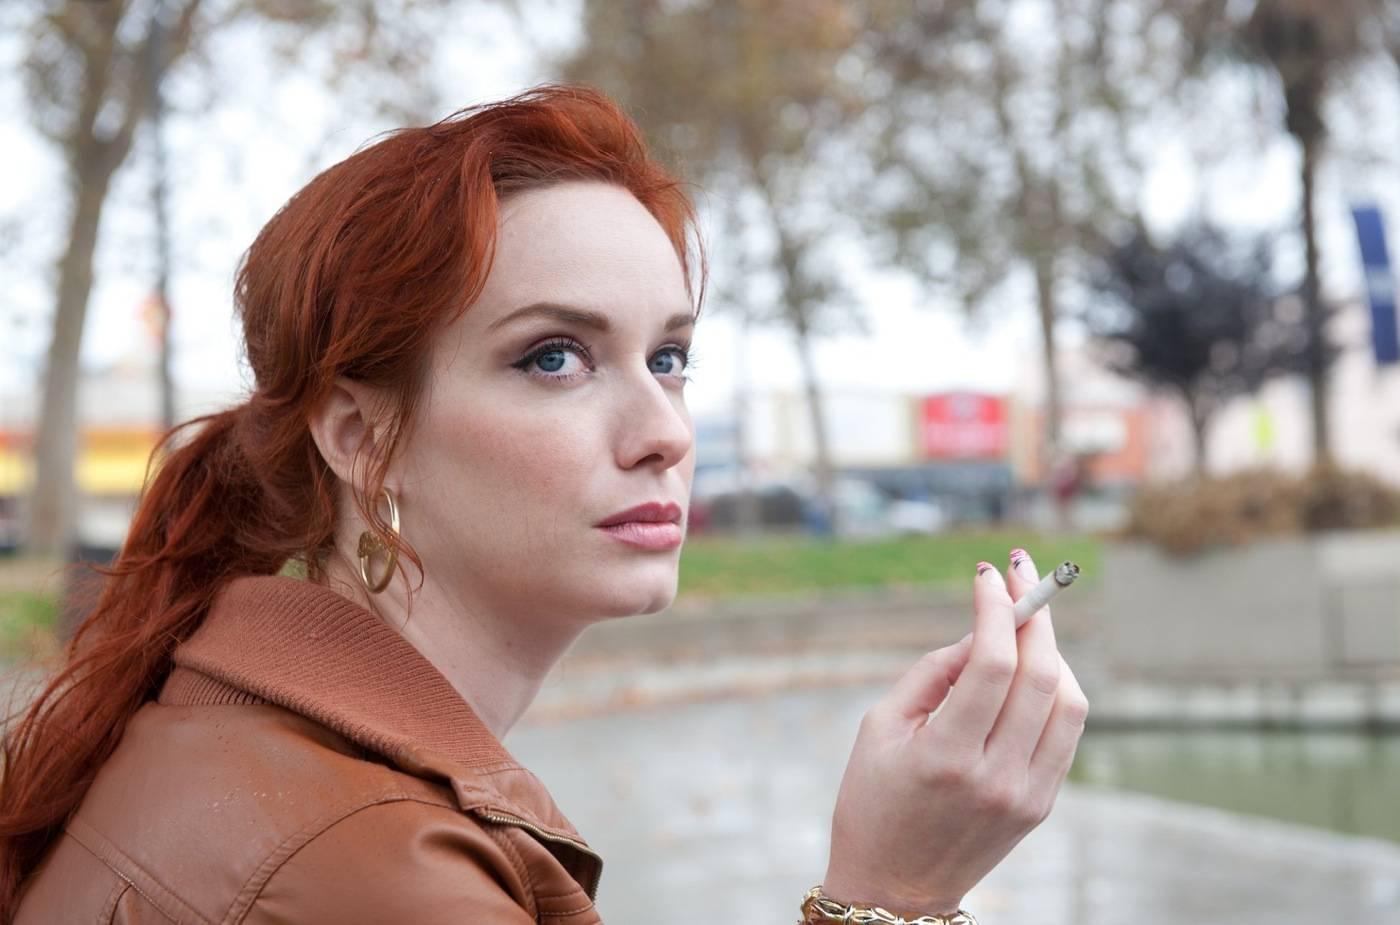 christina kirk actress